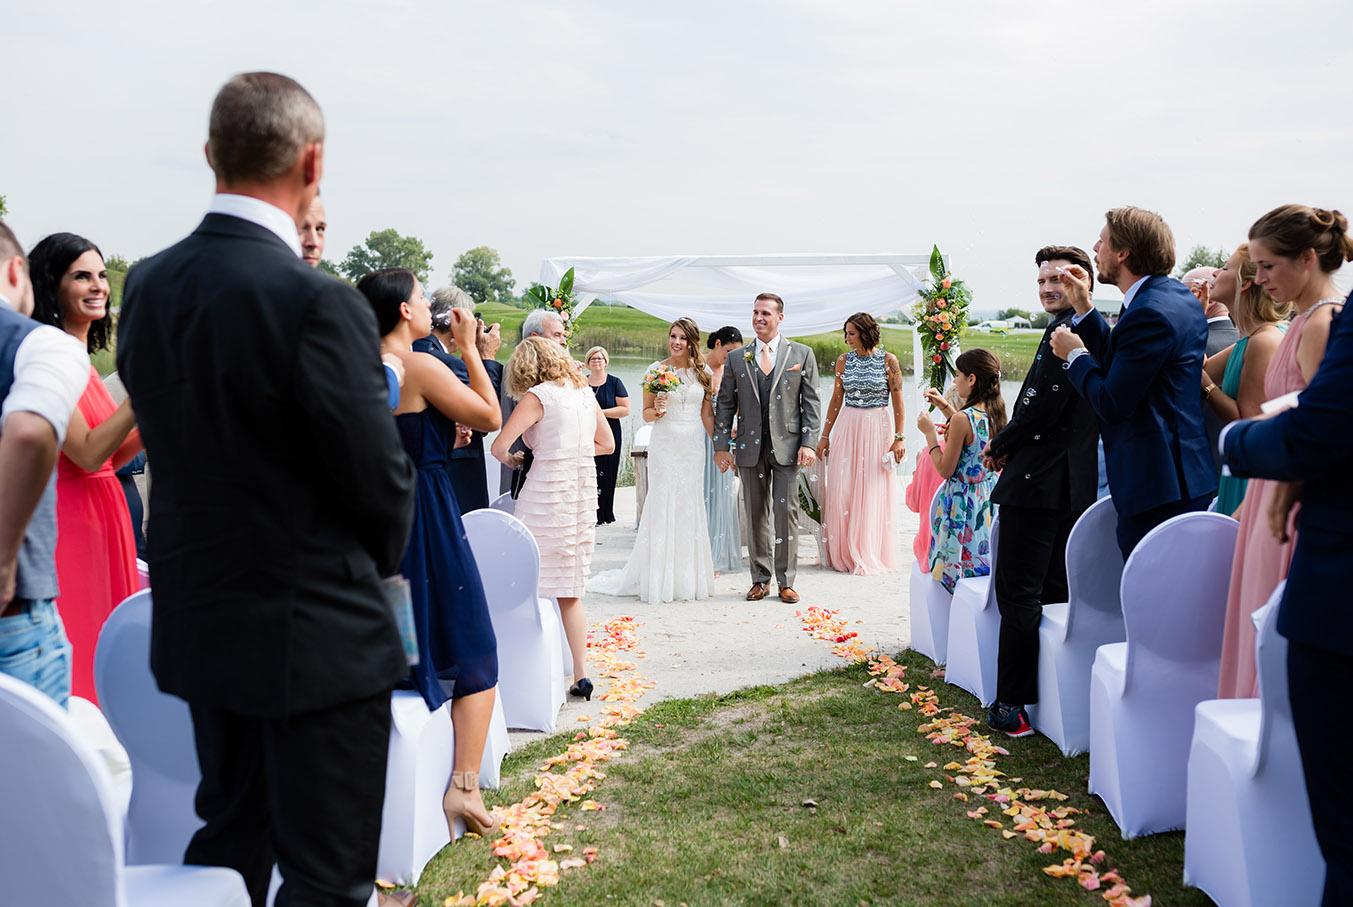 Vienna_Wien_Atzenbrugg_Hochzeit_Paar_Verlobung_Engagement_50